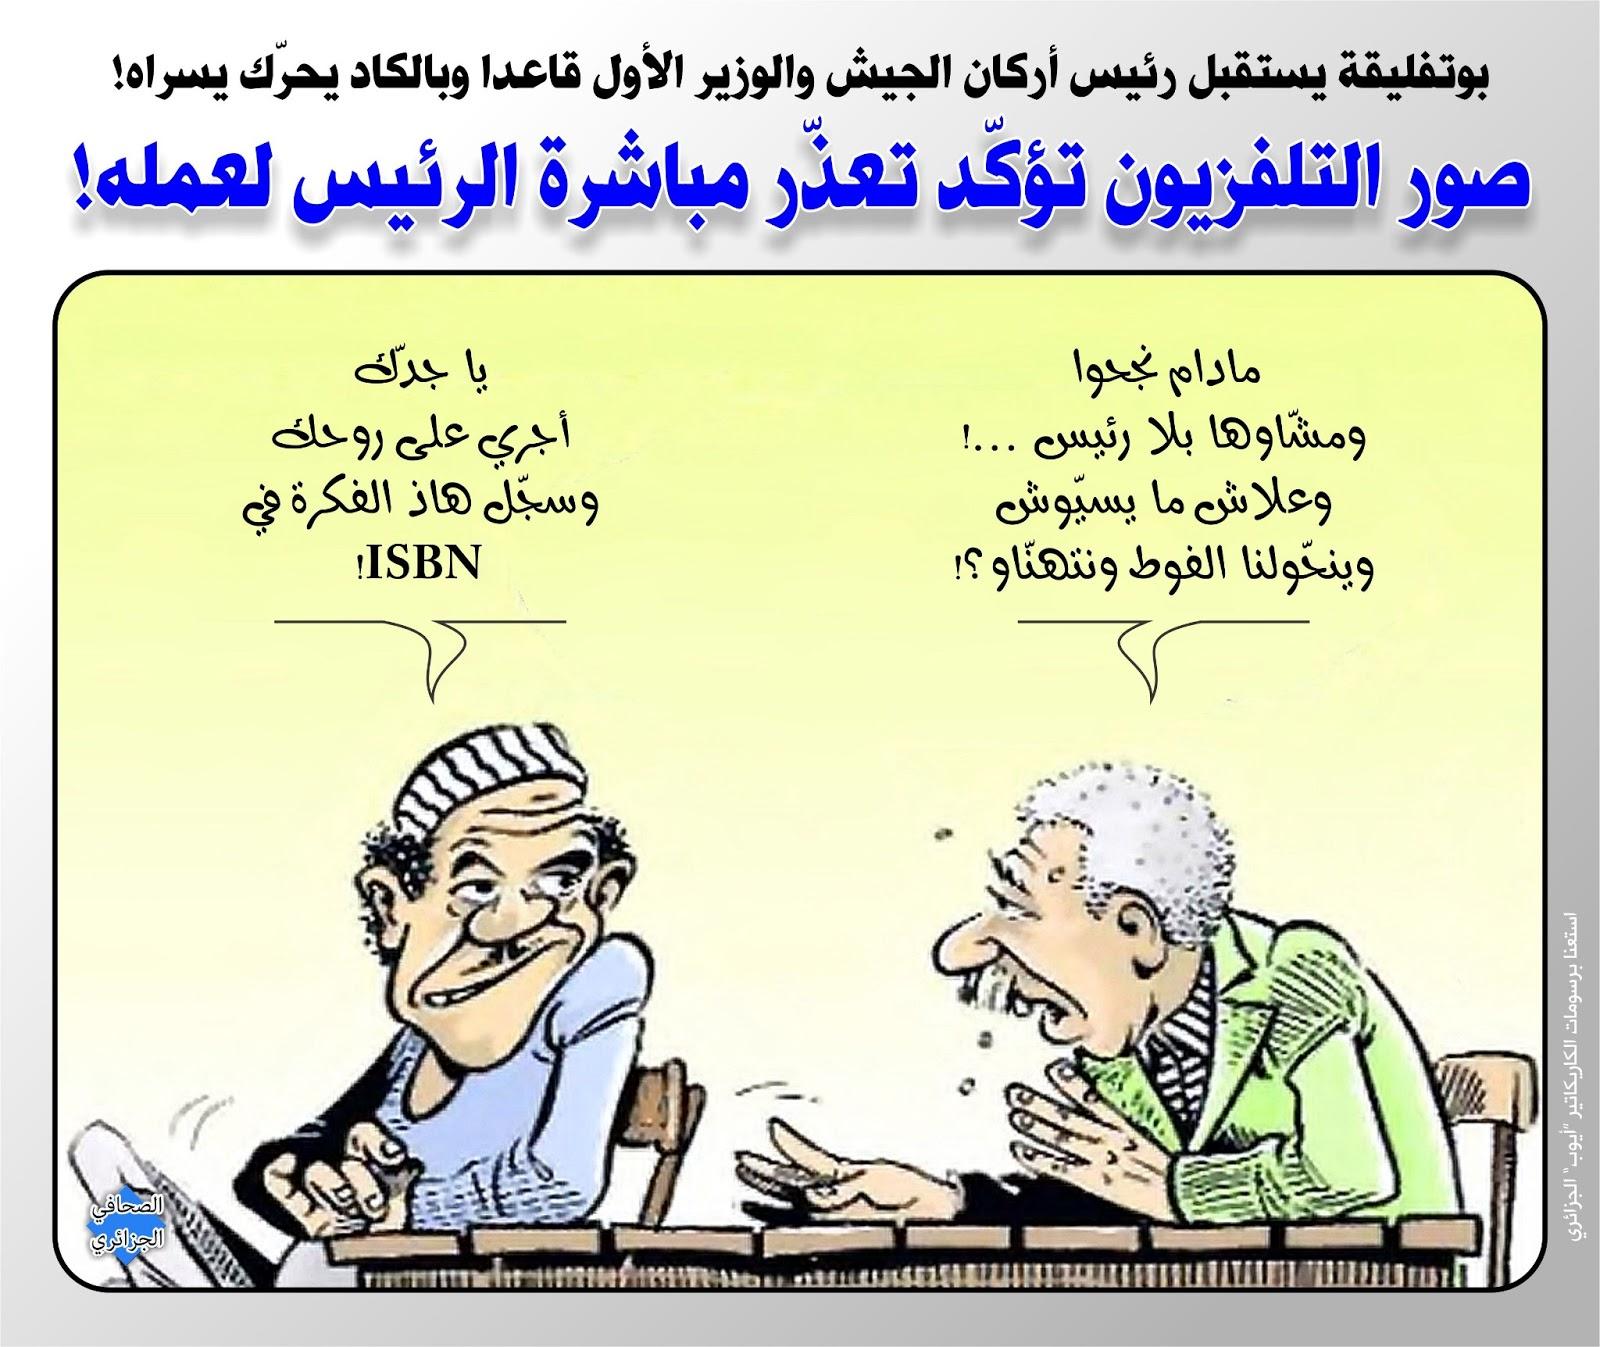 الجزاير في حالة ههههه %D8%A8%D9%88%D8%AA%D